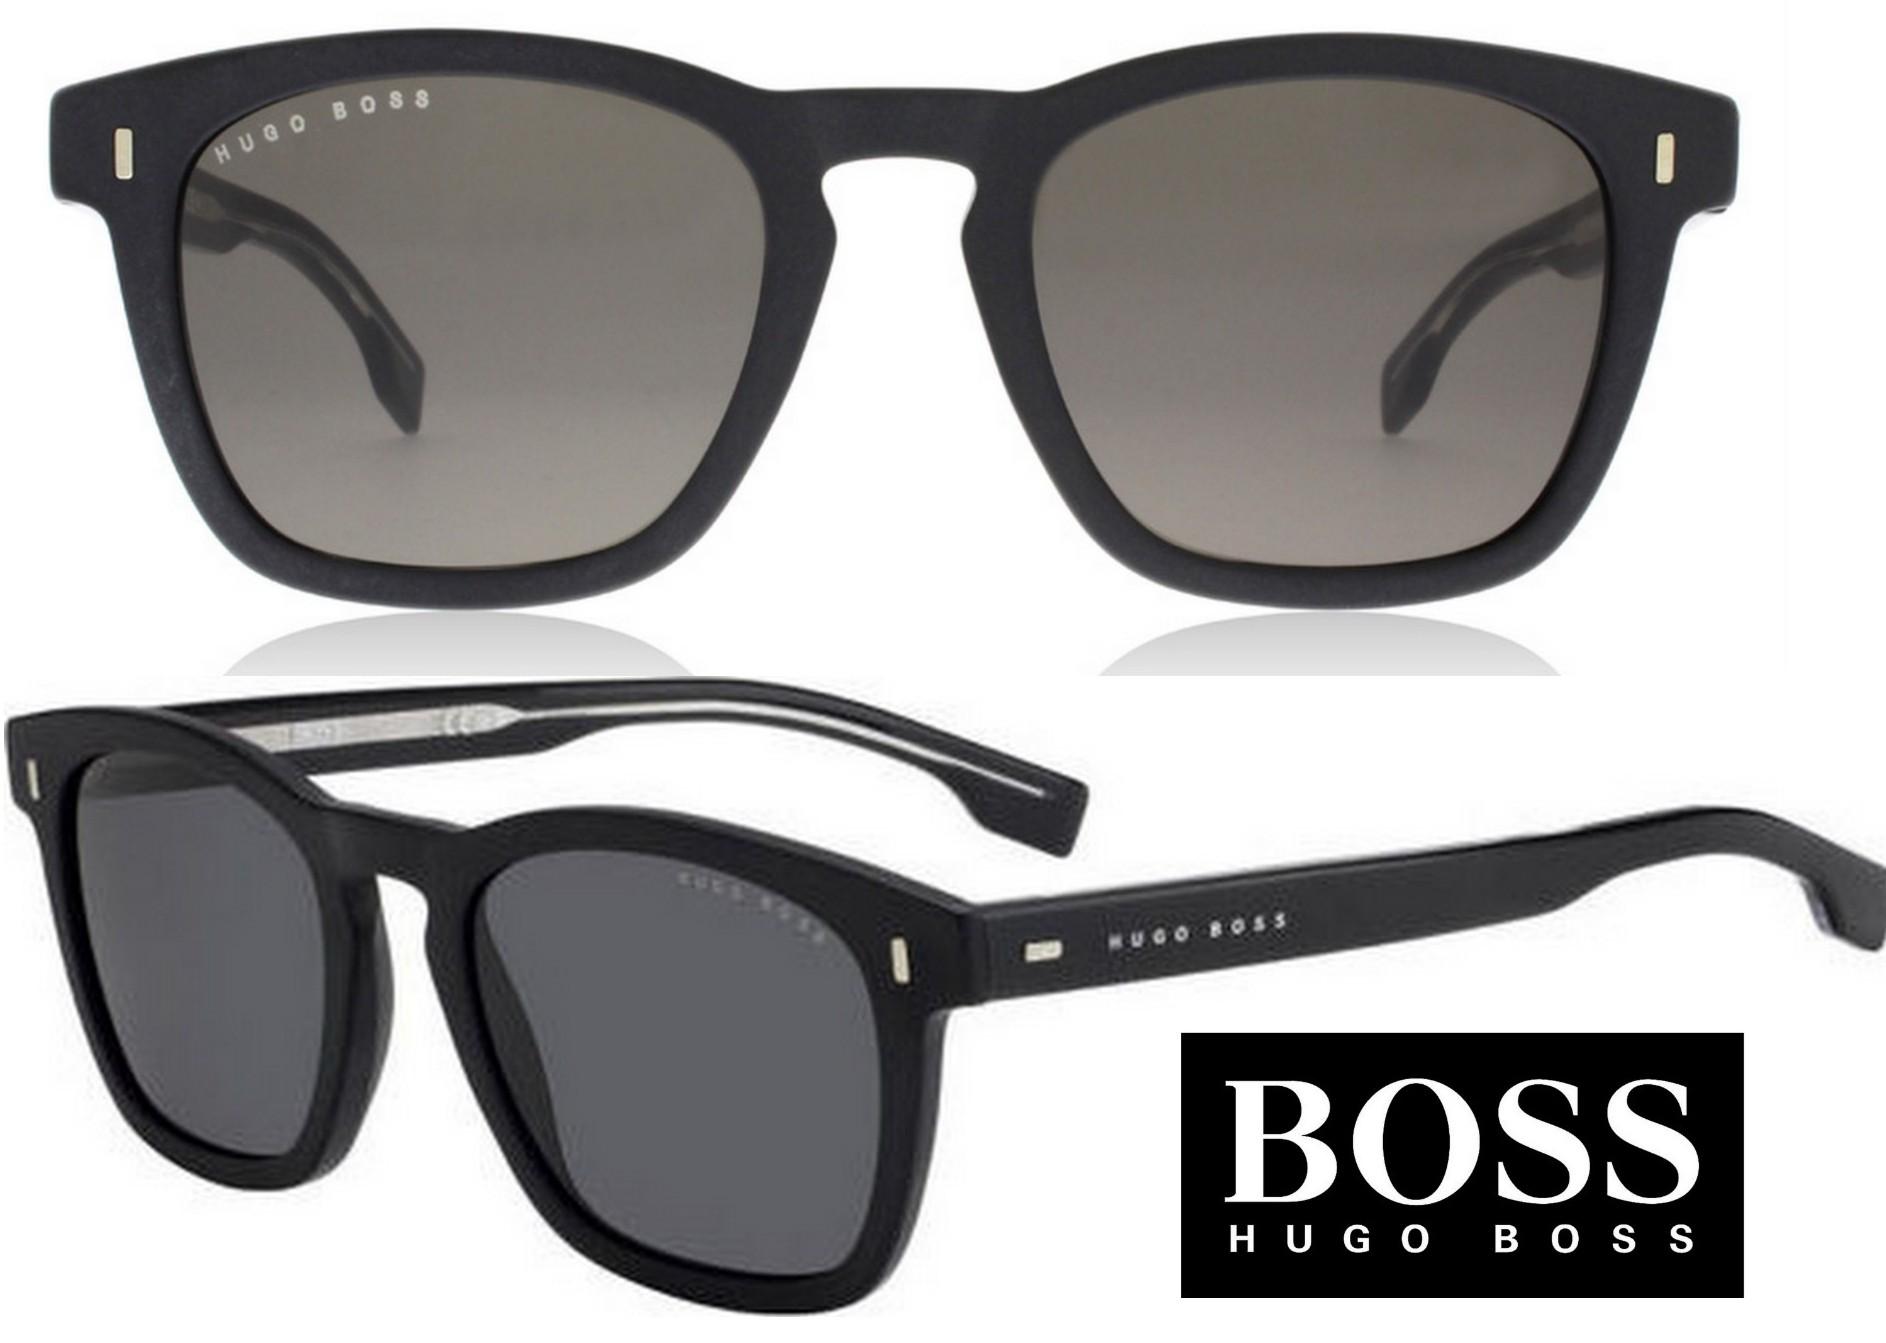 7eb940696a Okulary Przeciwsłoneczne Hugo Boss 0926s 100 7363342068